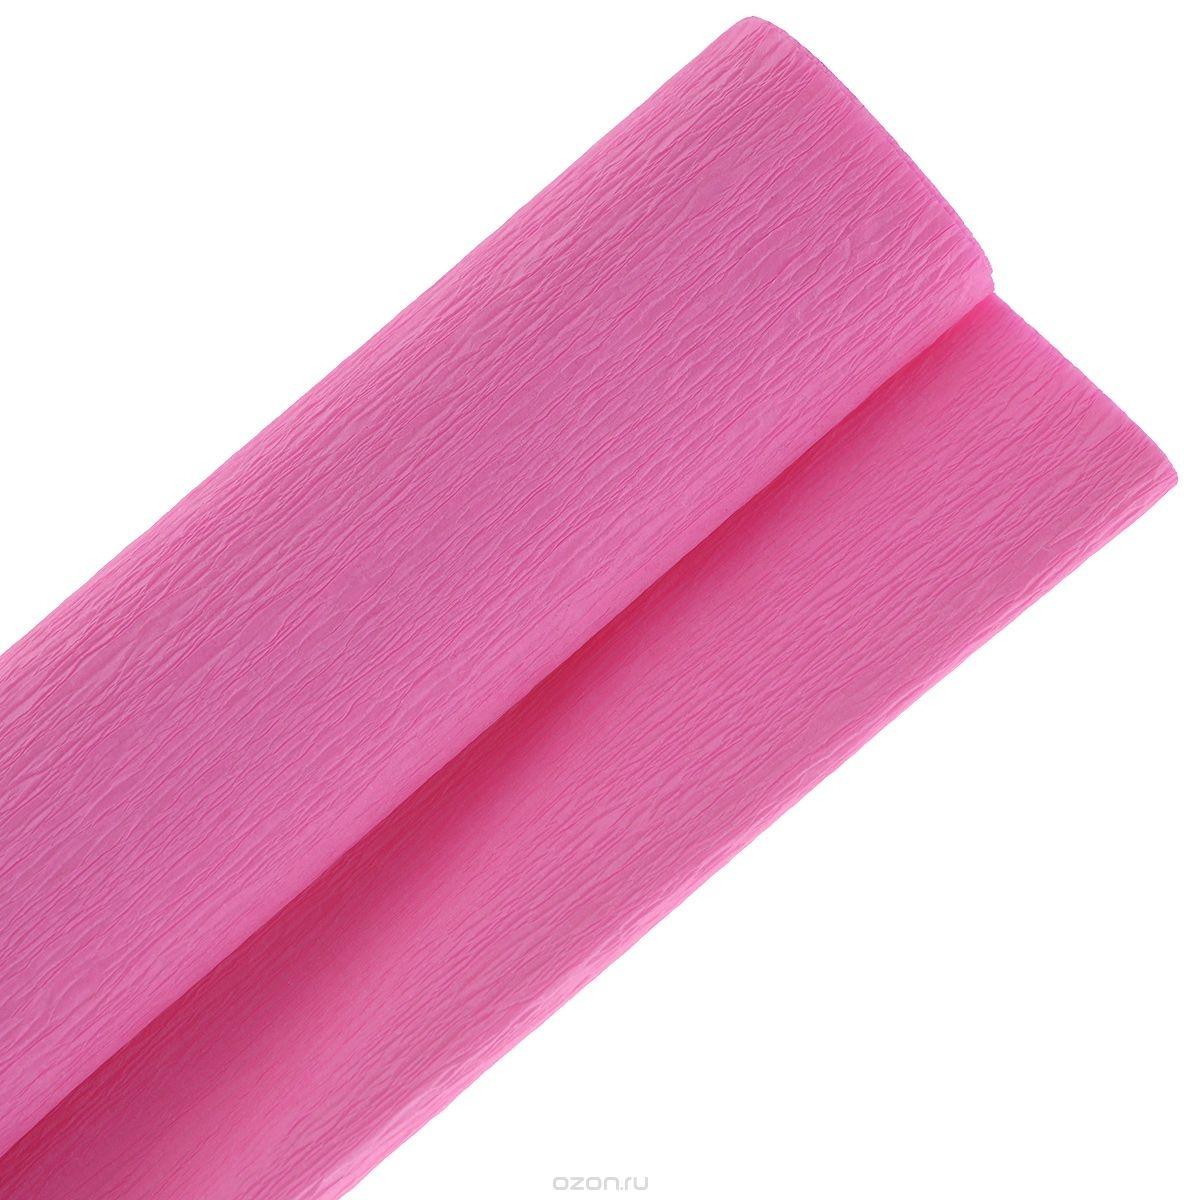 Гофрированная бумага Koh-I-Noor, светло-розовая (200x50 см)